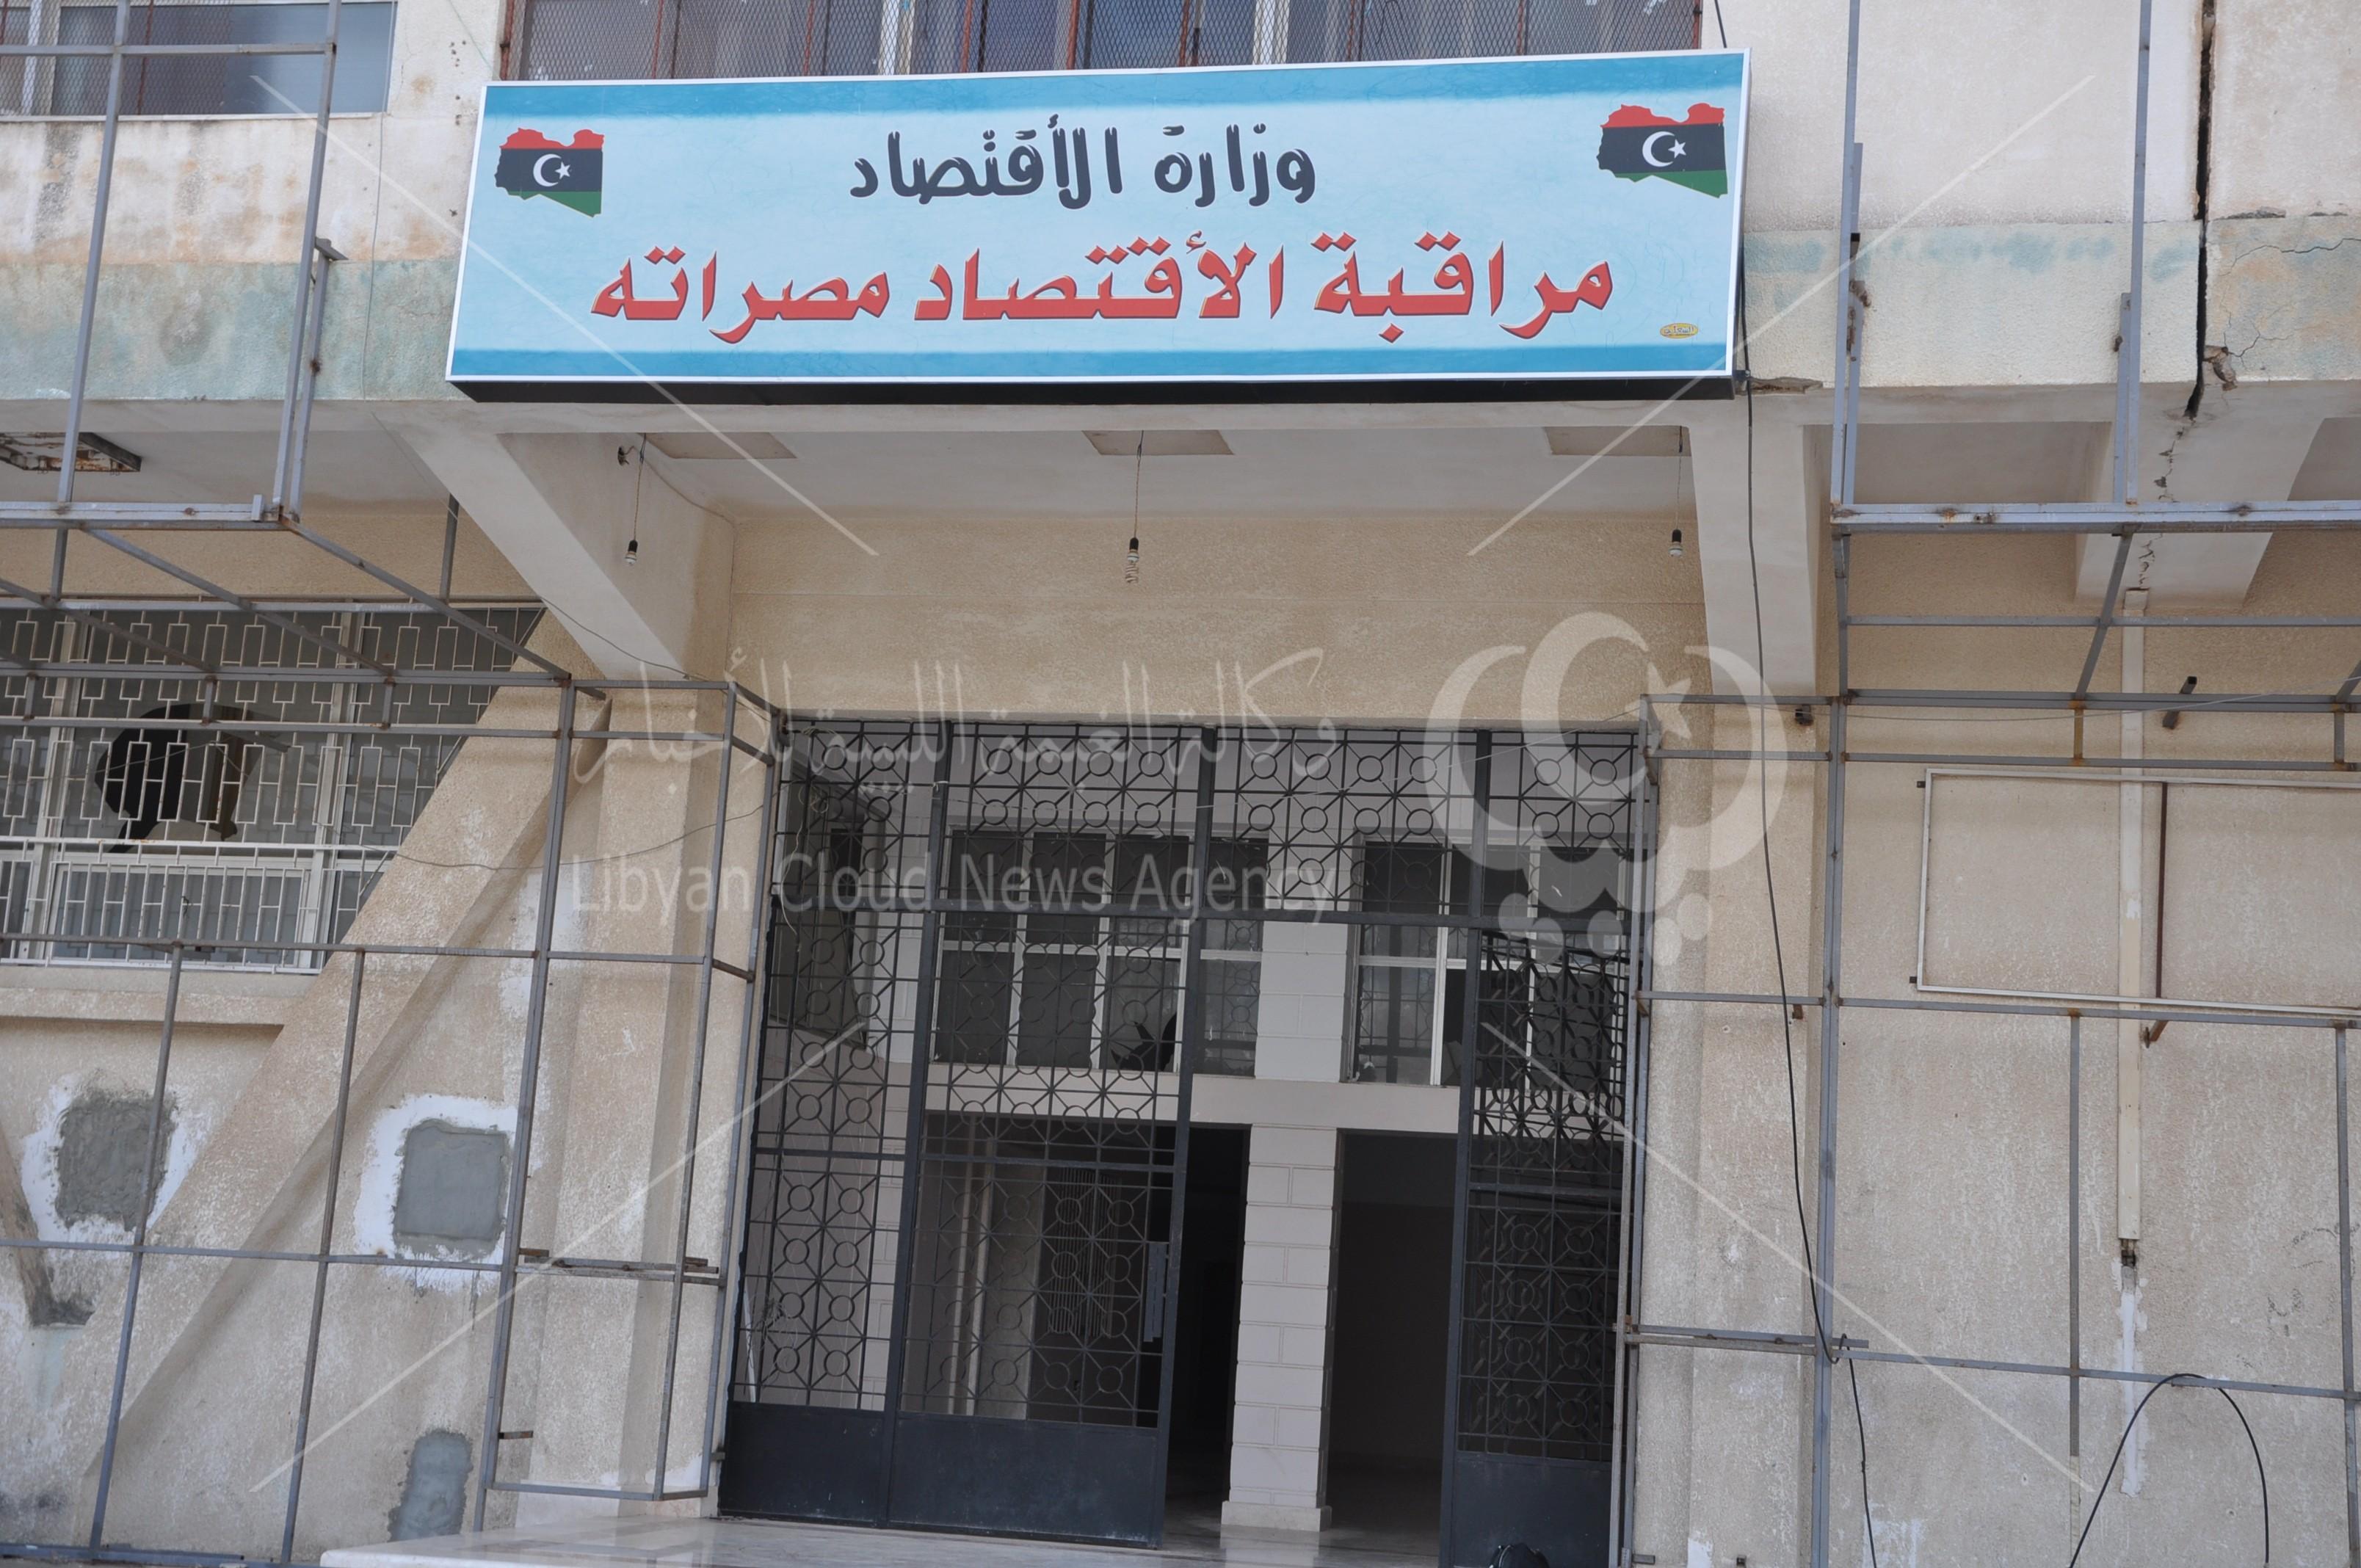 مخالفات إدارية وصحية لمحلات توزيع الدواجن بمصراته